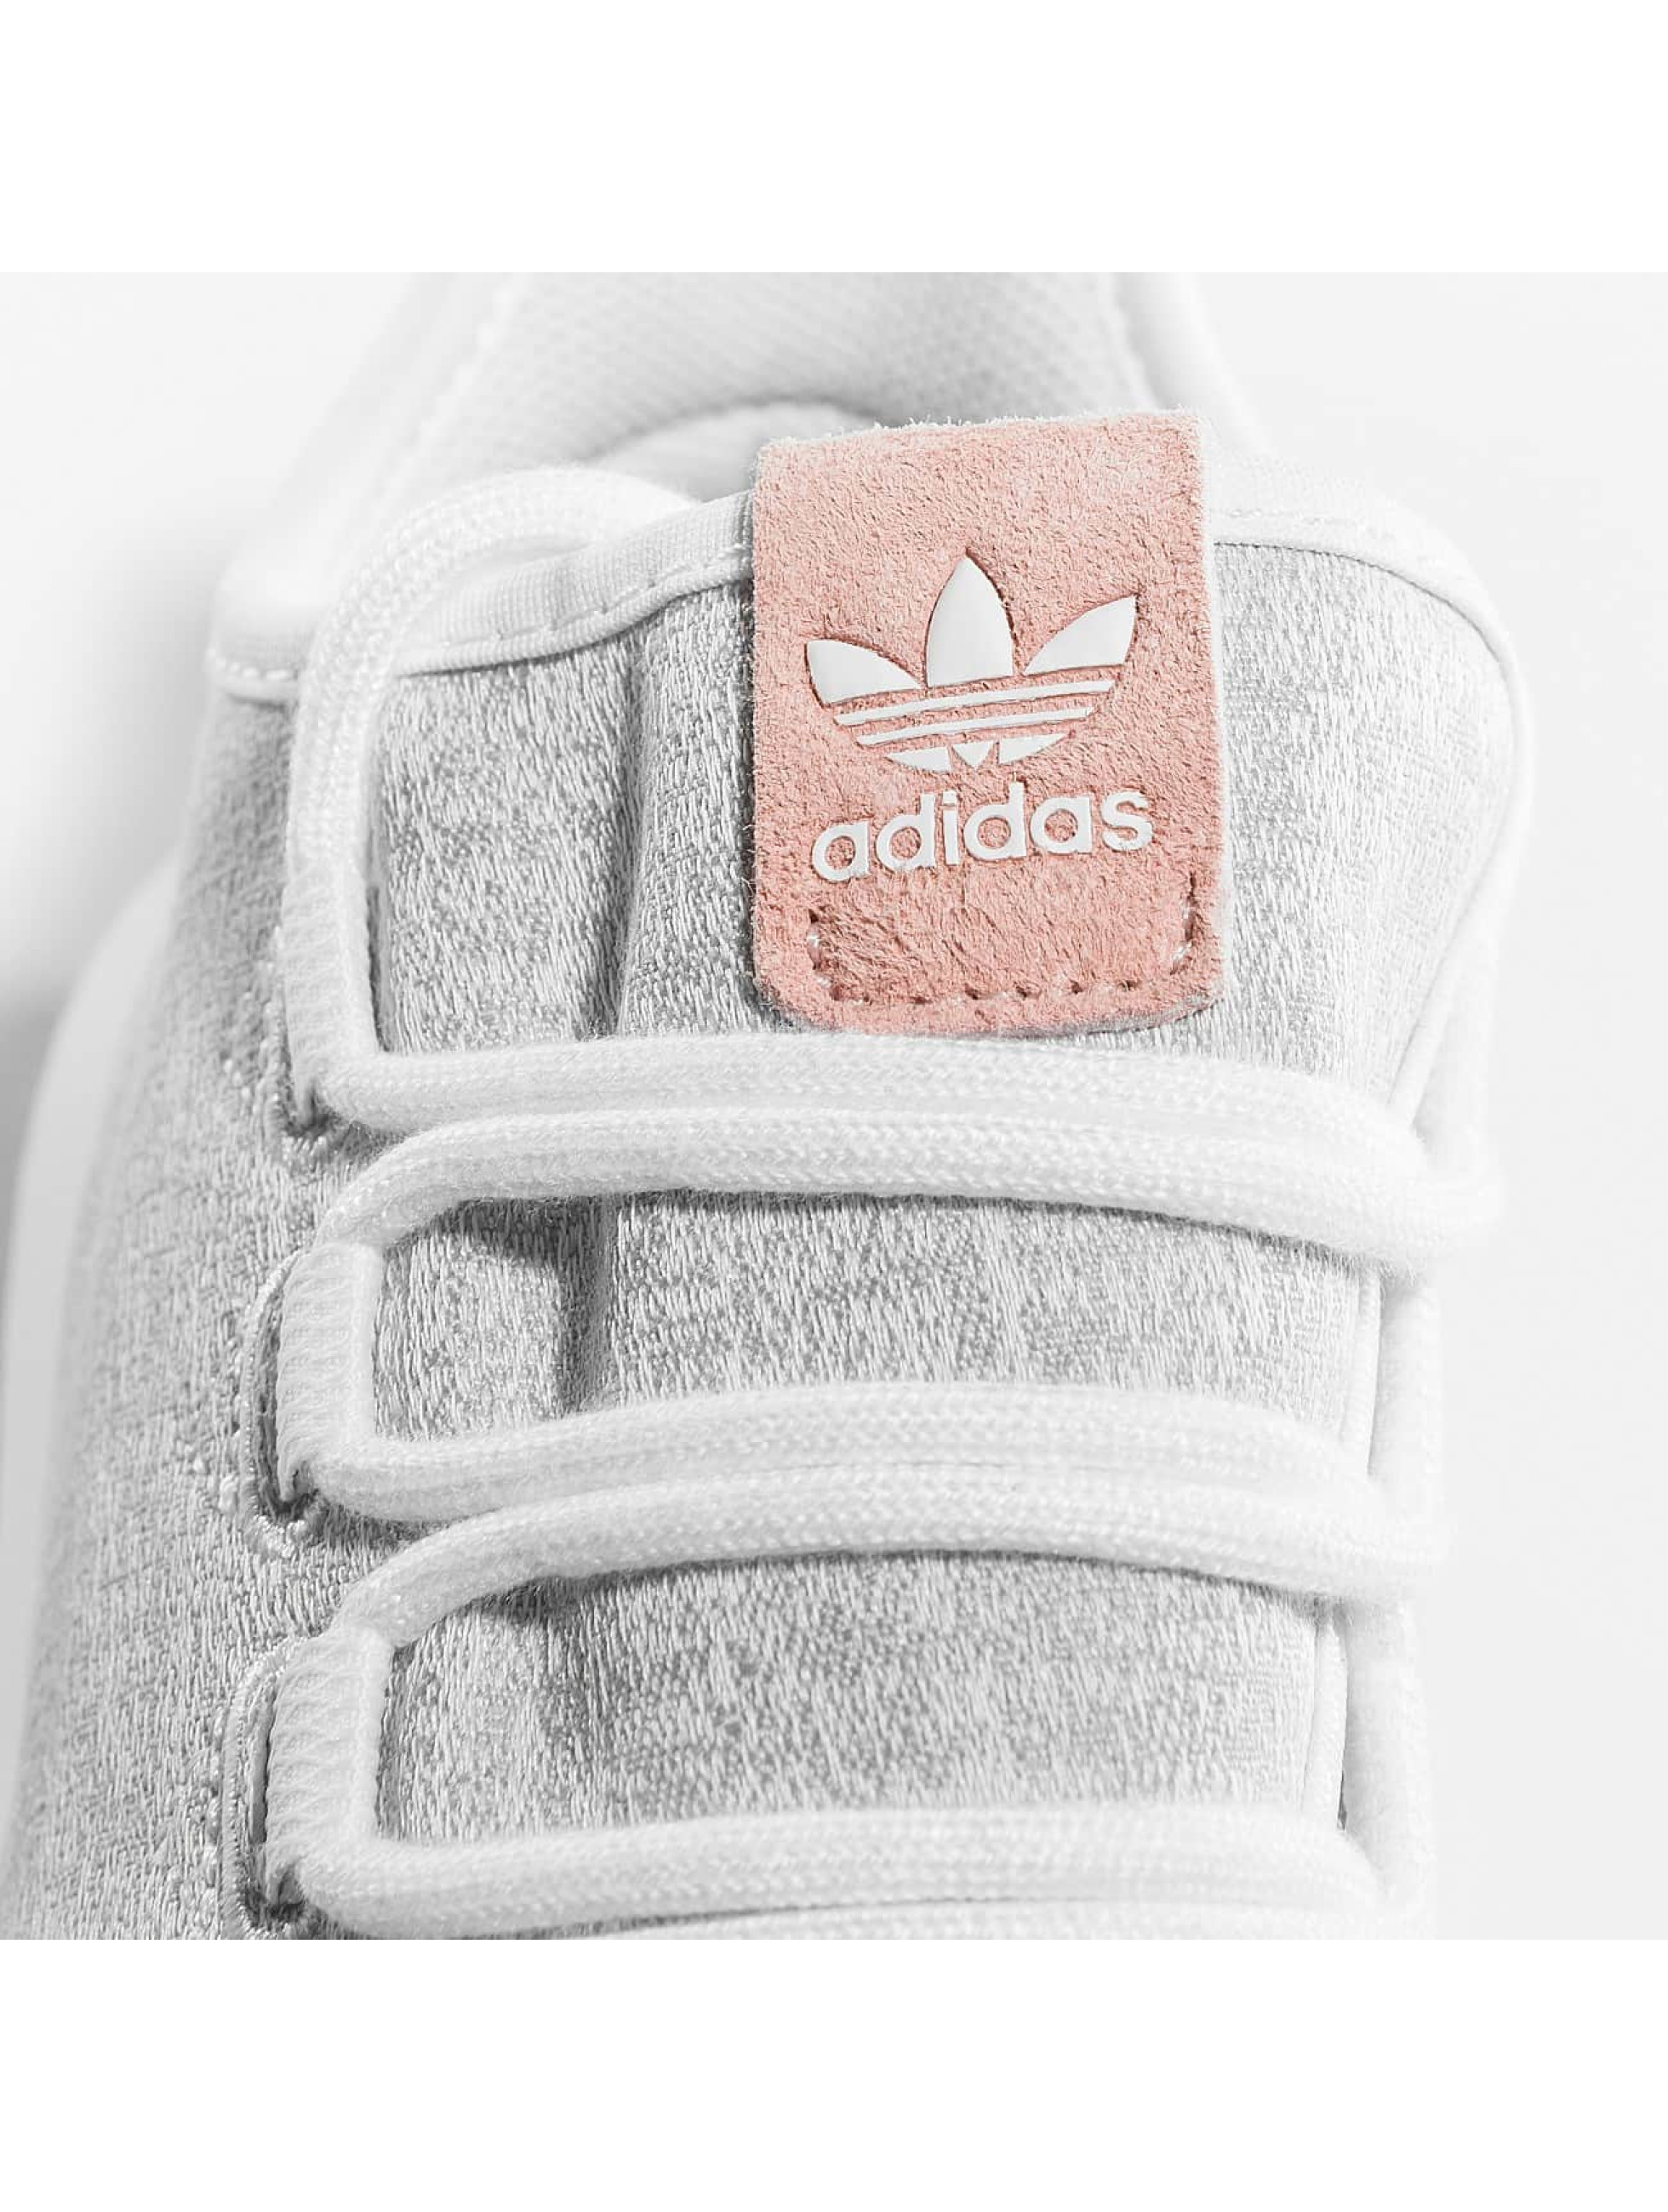 adidas originals Baskets Tubular Shadow W blanc